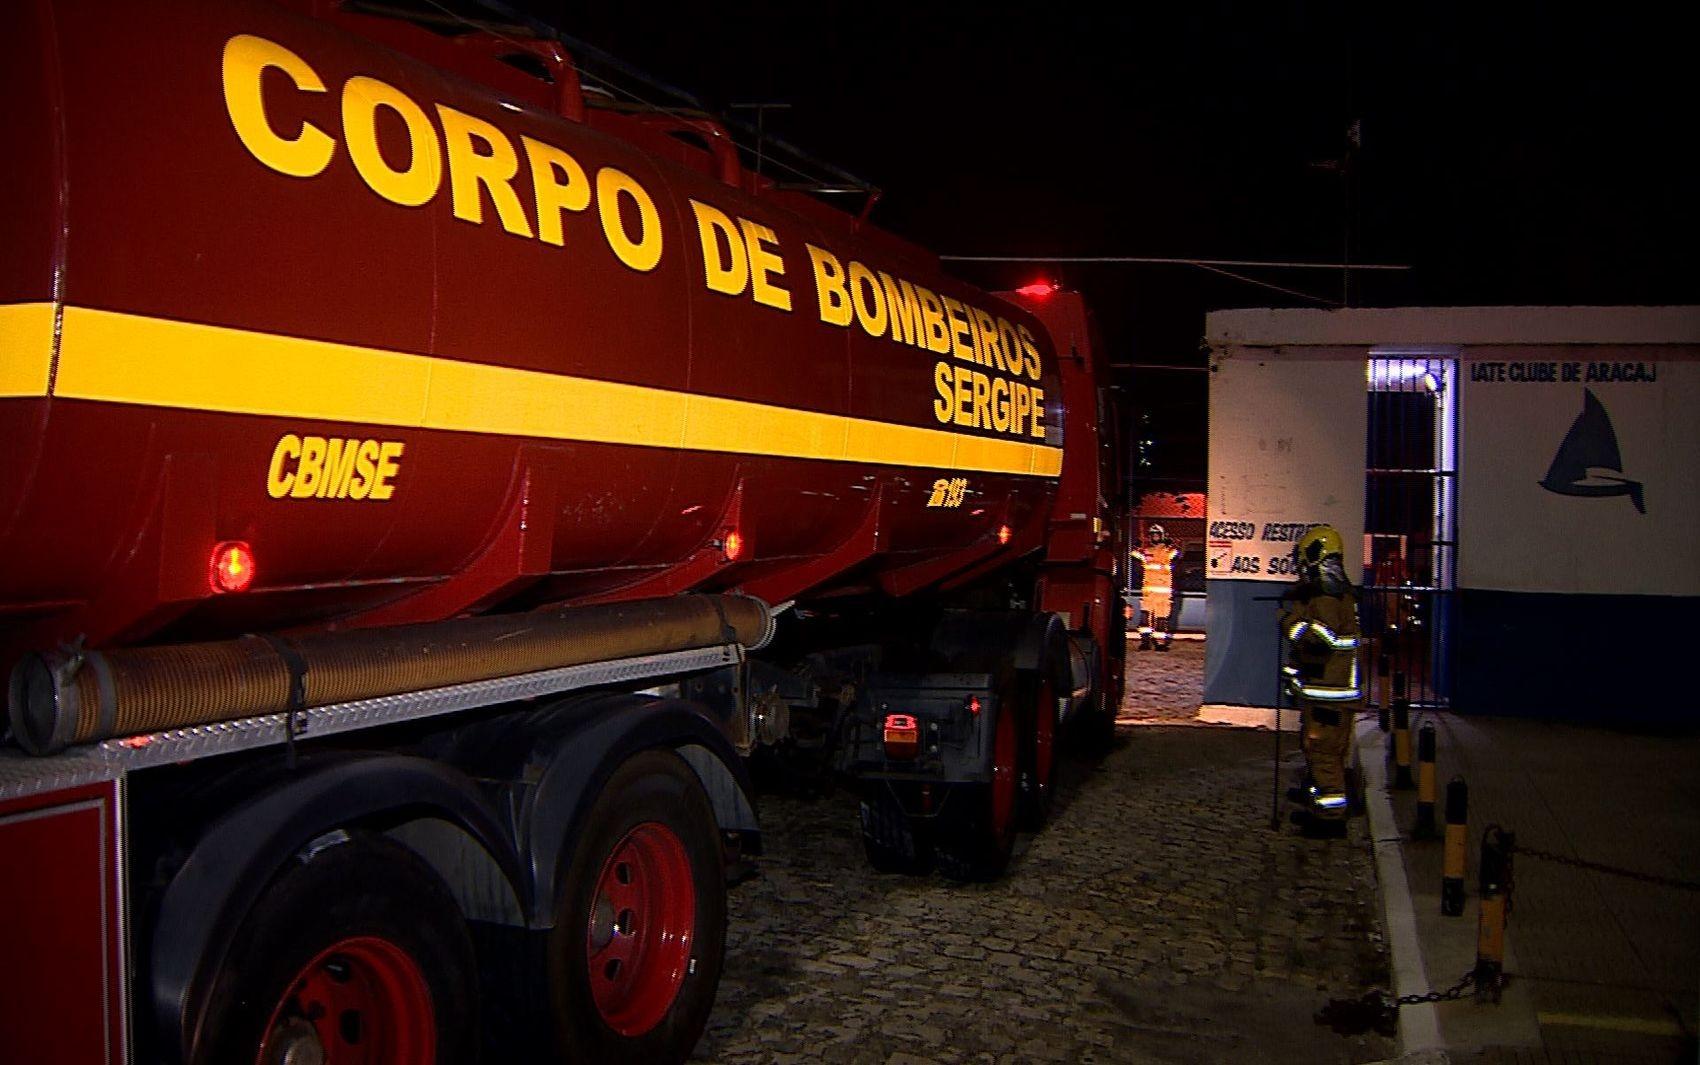 Incêndio atinge embarcação em Aracaju na noite deste domingo